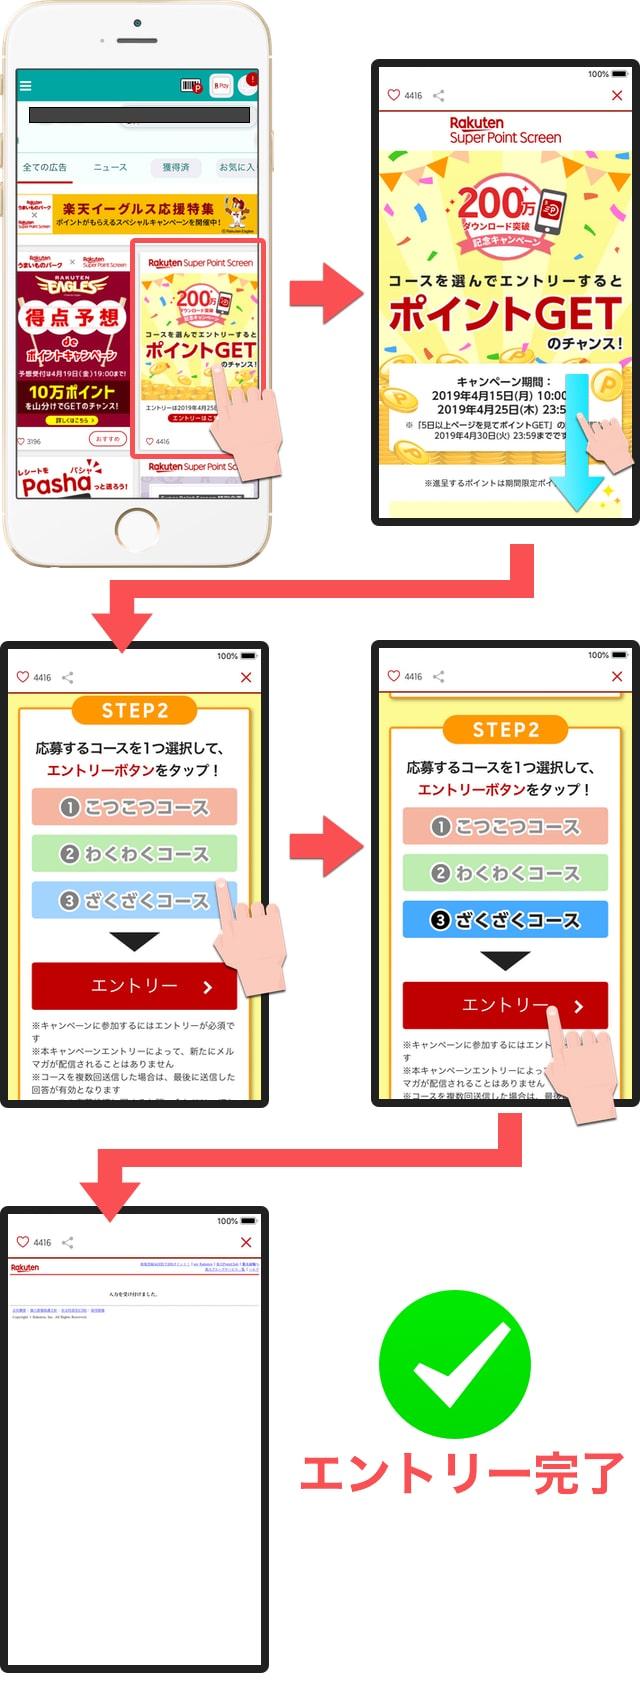 楽天スーパーポイントスクリーンアプリ・キャンペーン参加手順